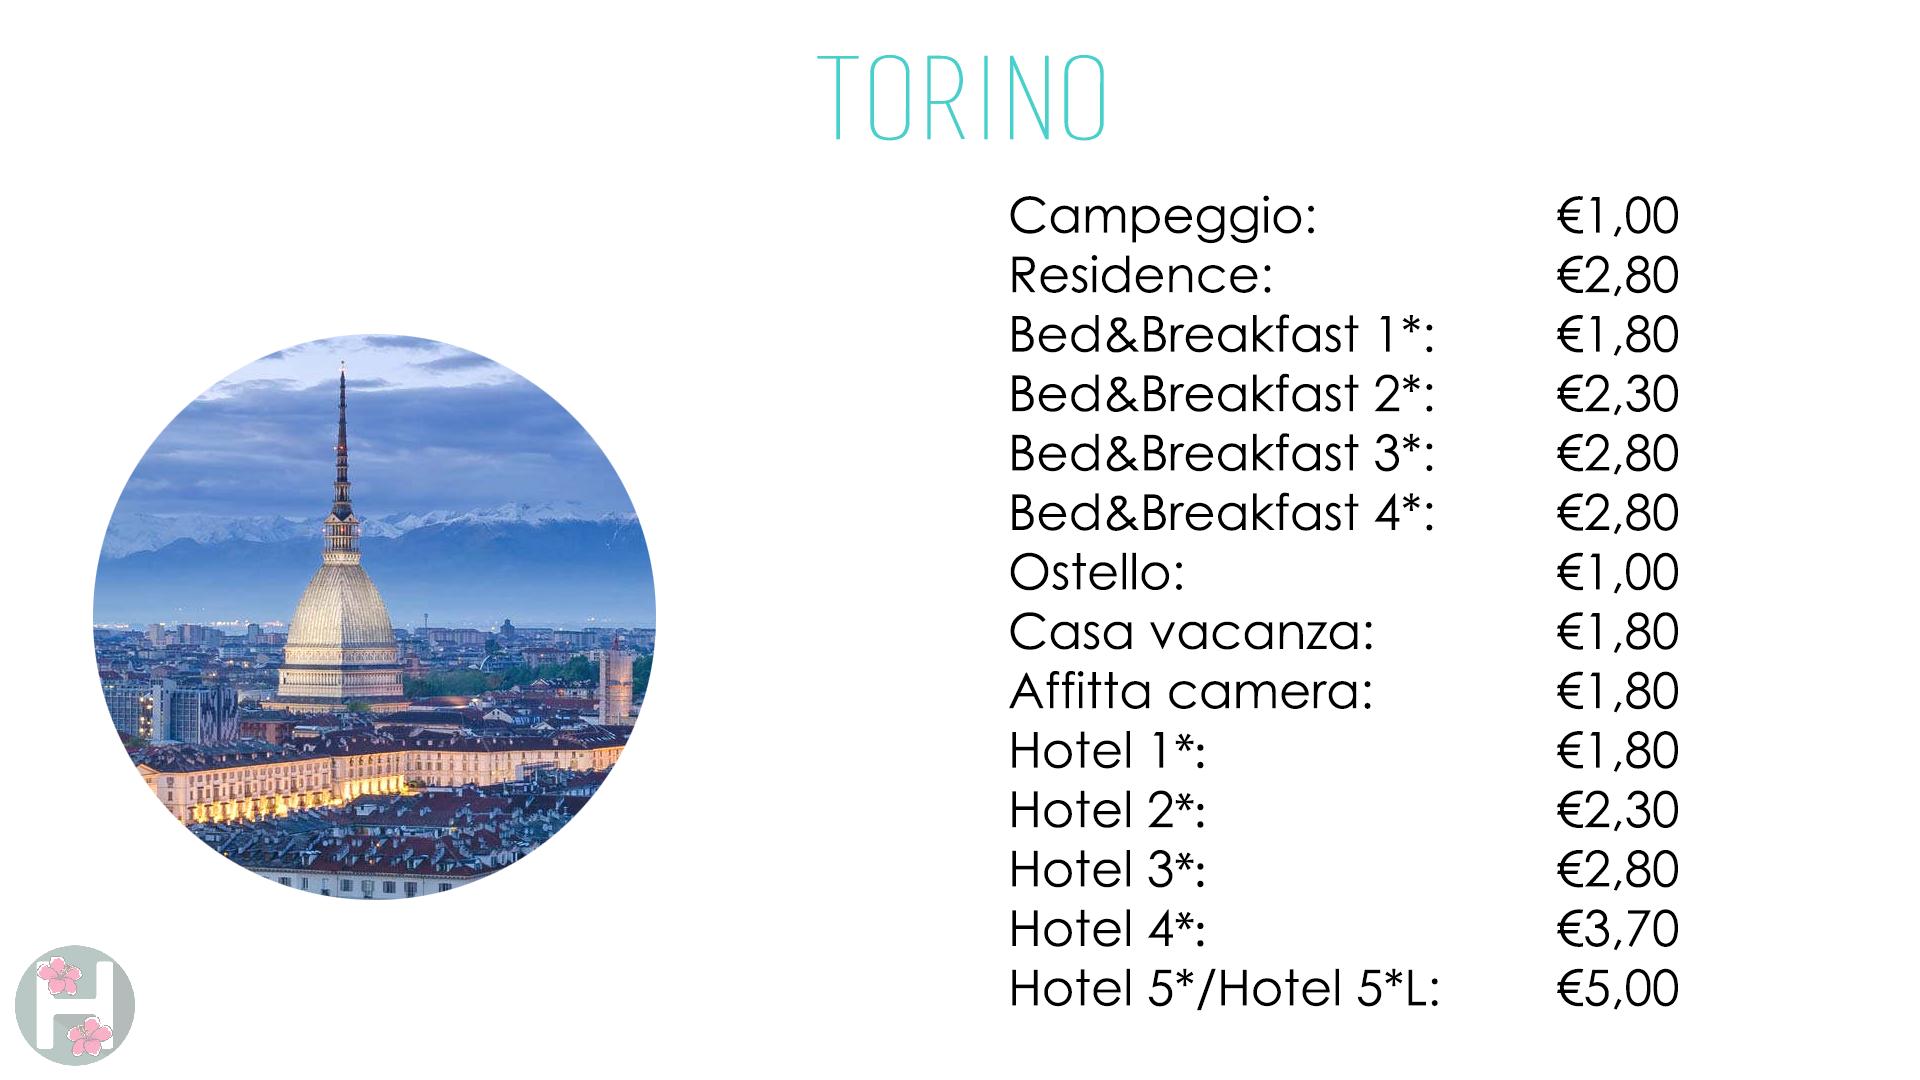 Top Tassa Di Soggiorno A Torino Pictures - Comads897.com ...